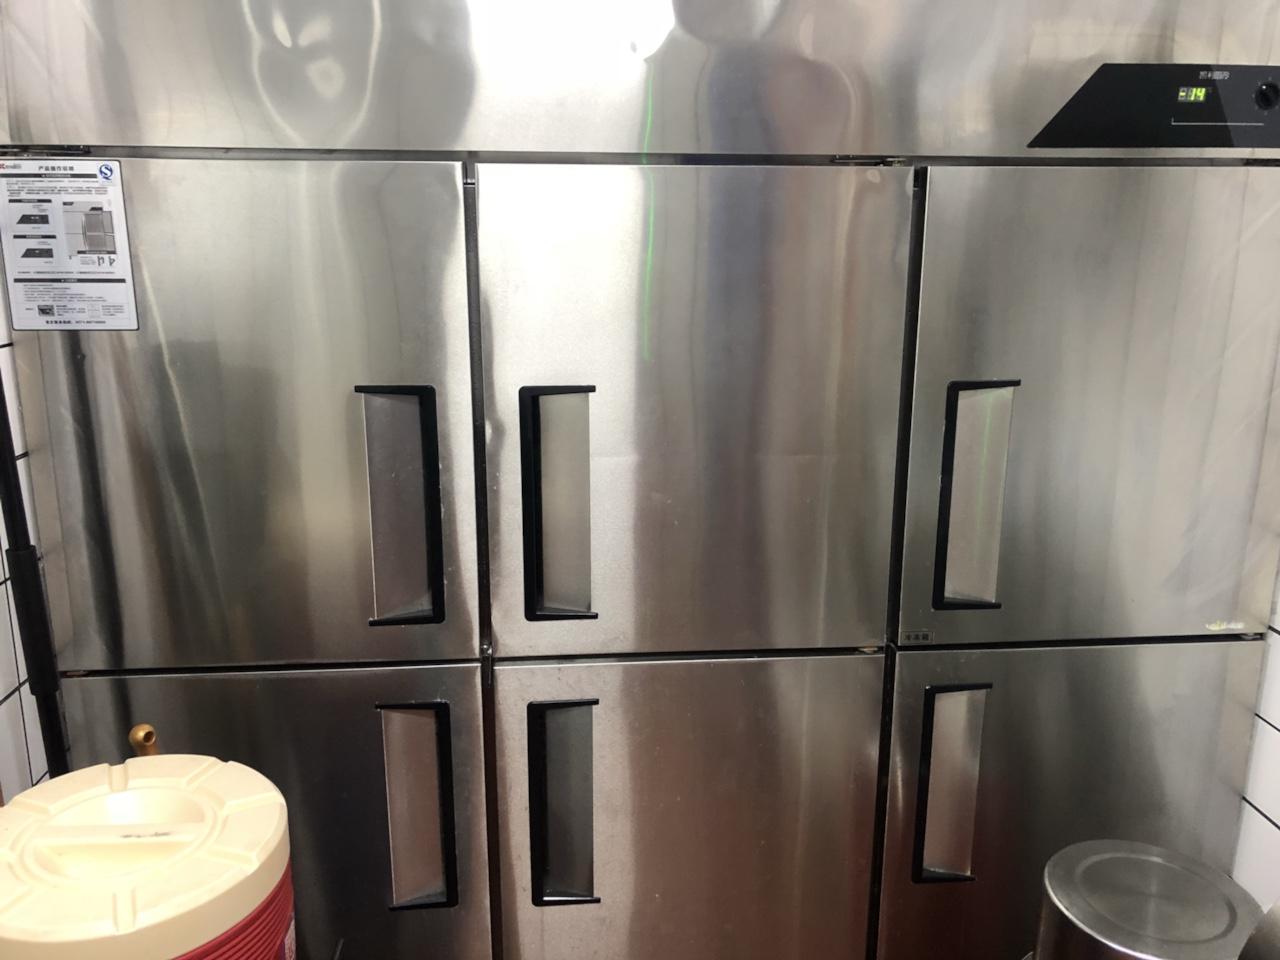 店铺关门,转让九九成新金松六门全铜管冷冻冰柜一台,尺寸1800*1800*670 原价4450,现2...